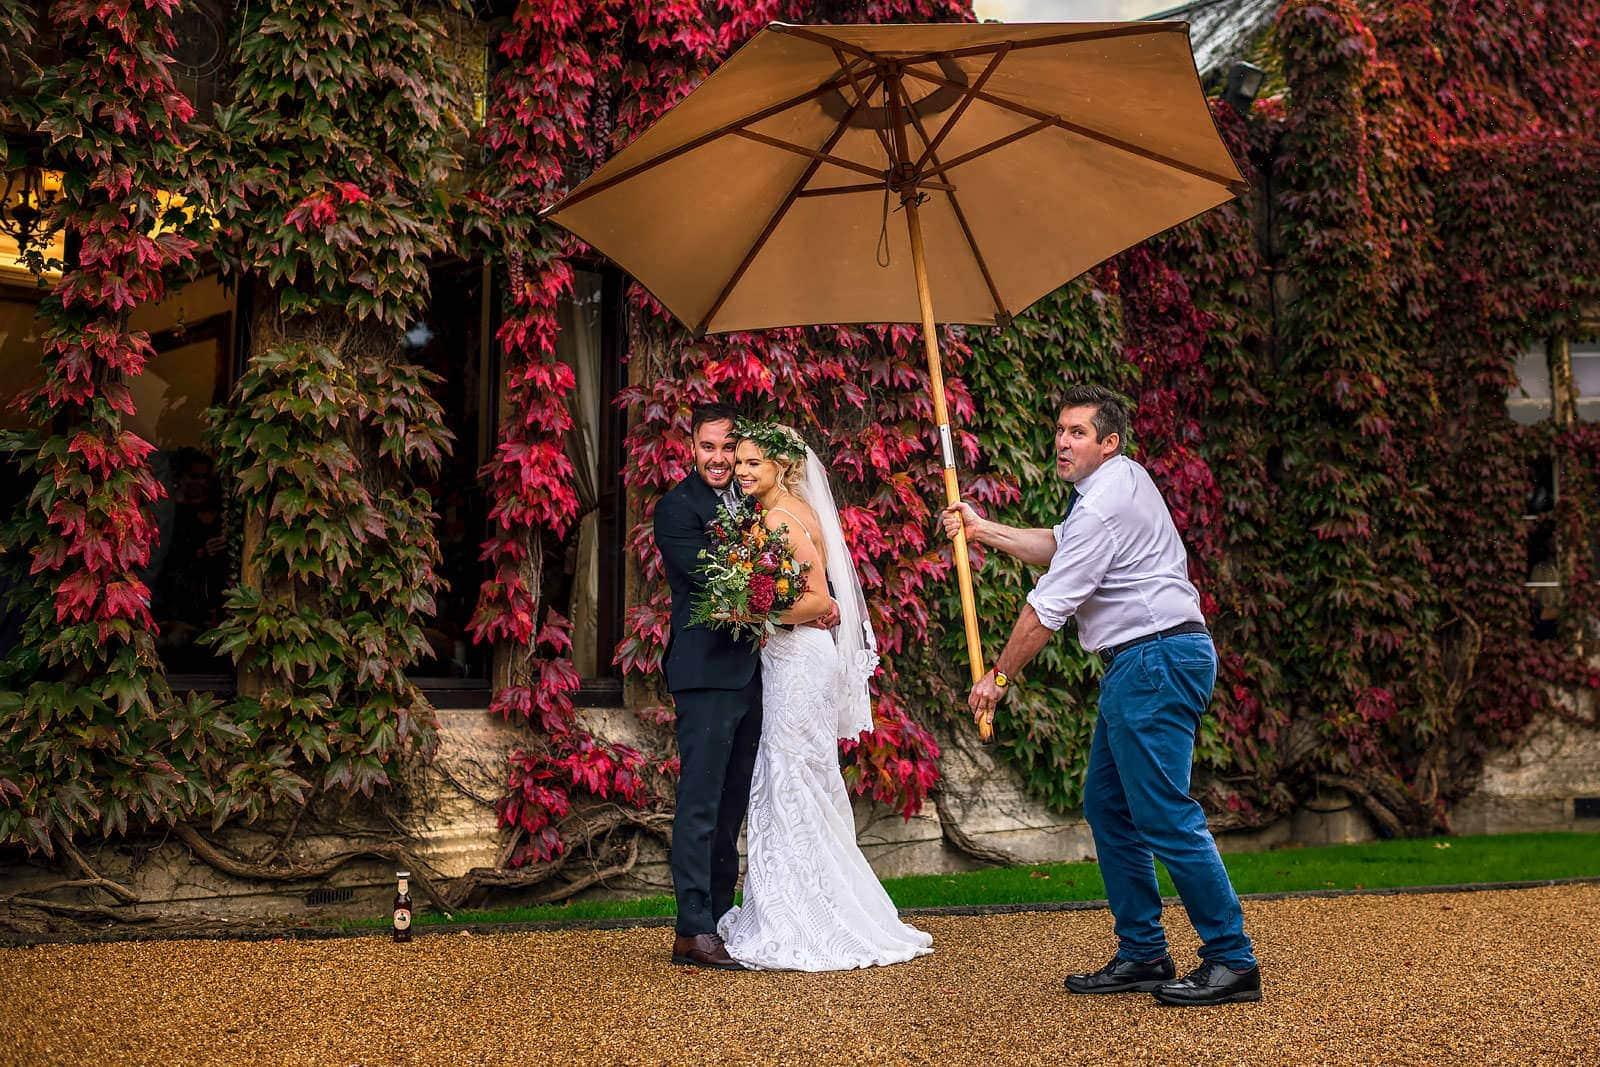 Reportage wedding photography UK